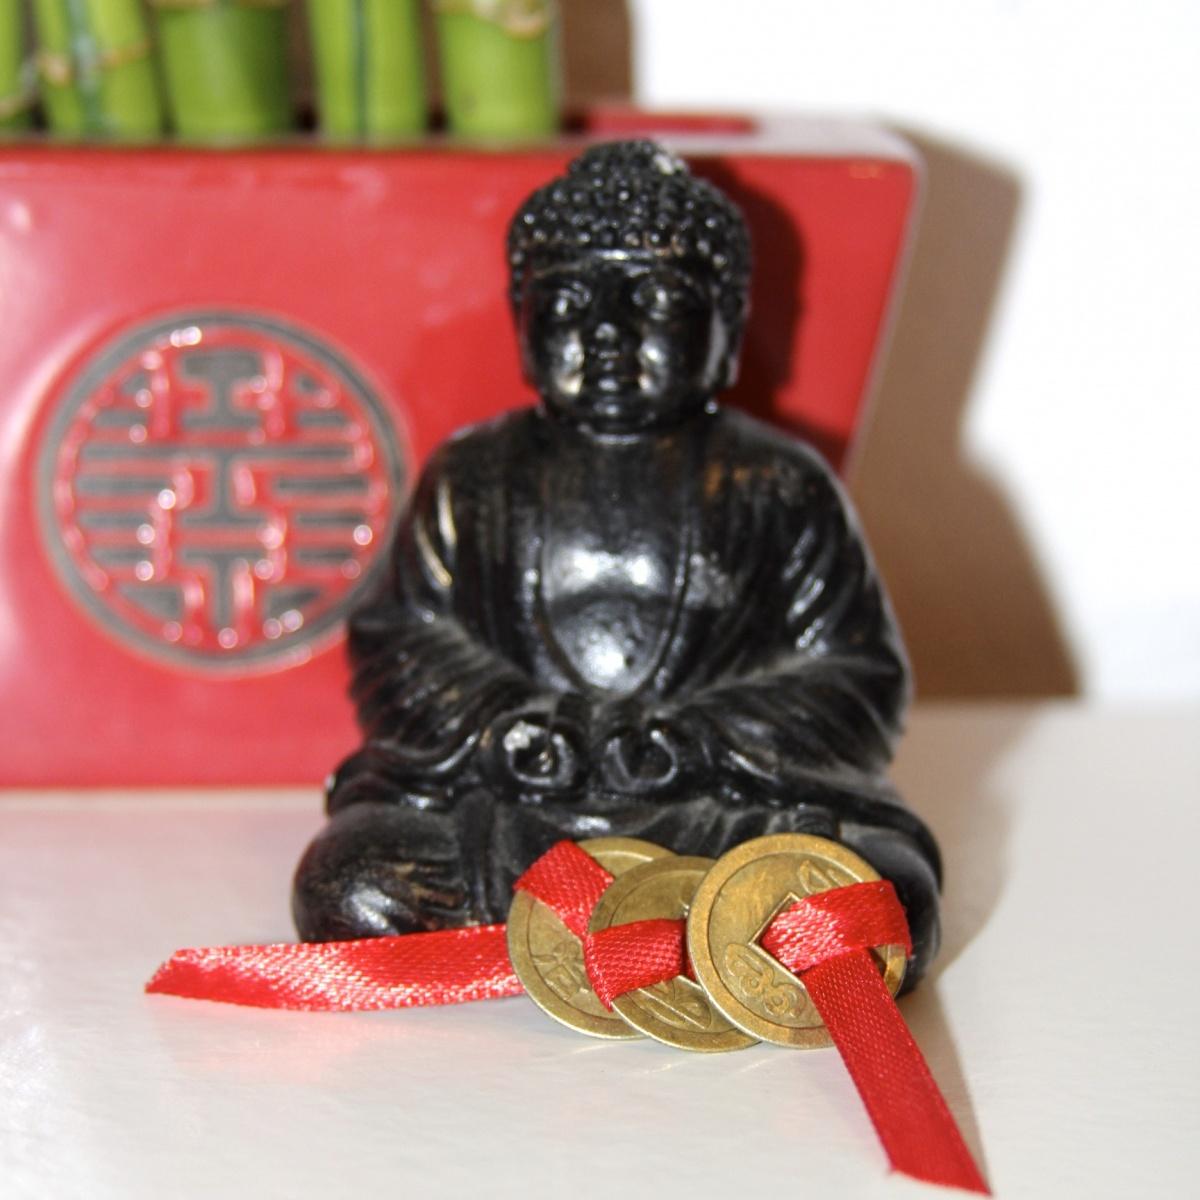 3 Moedas Chinesas em Fita Vermelha - Atrai Prosperidade